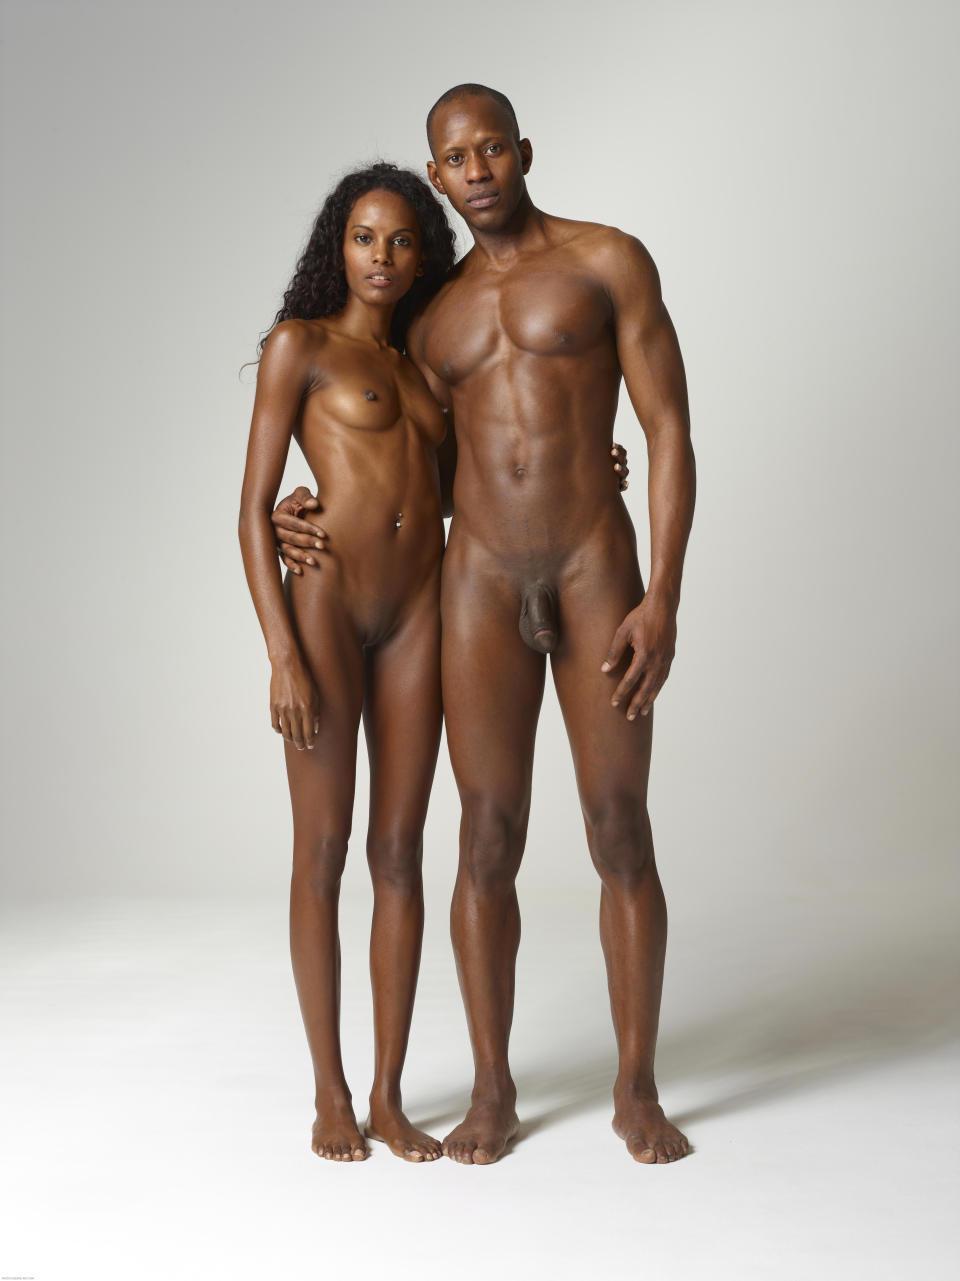 Black Nude Couple